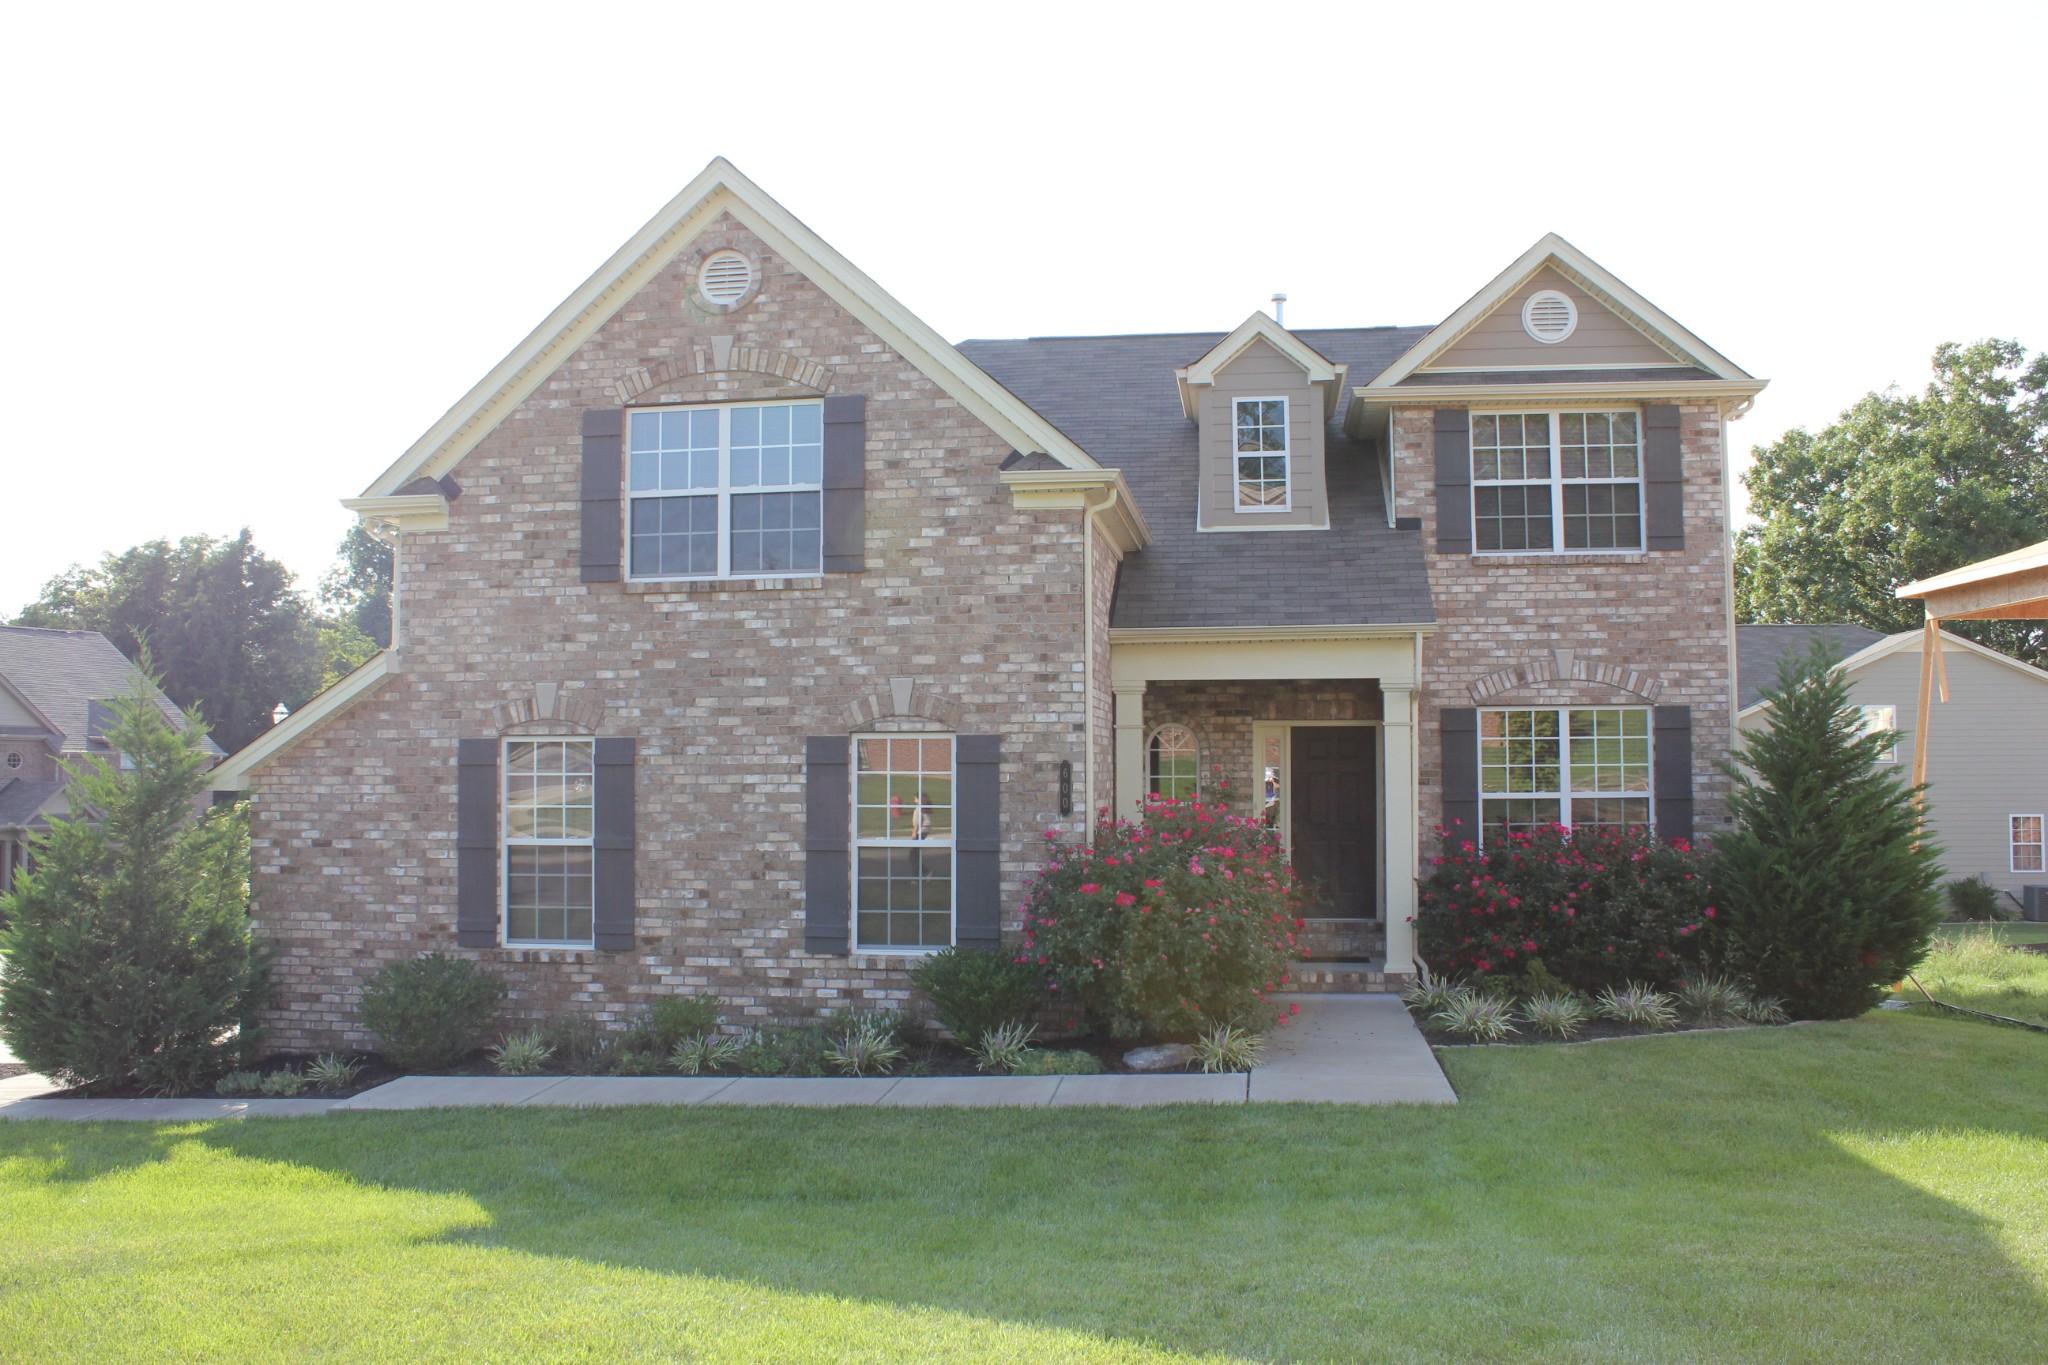 Bent Creek Ph 3 Sec 1 Real Estate Listings Main Image